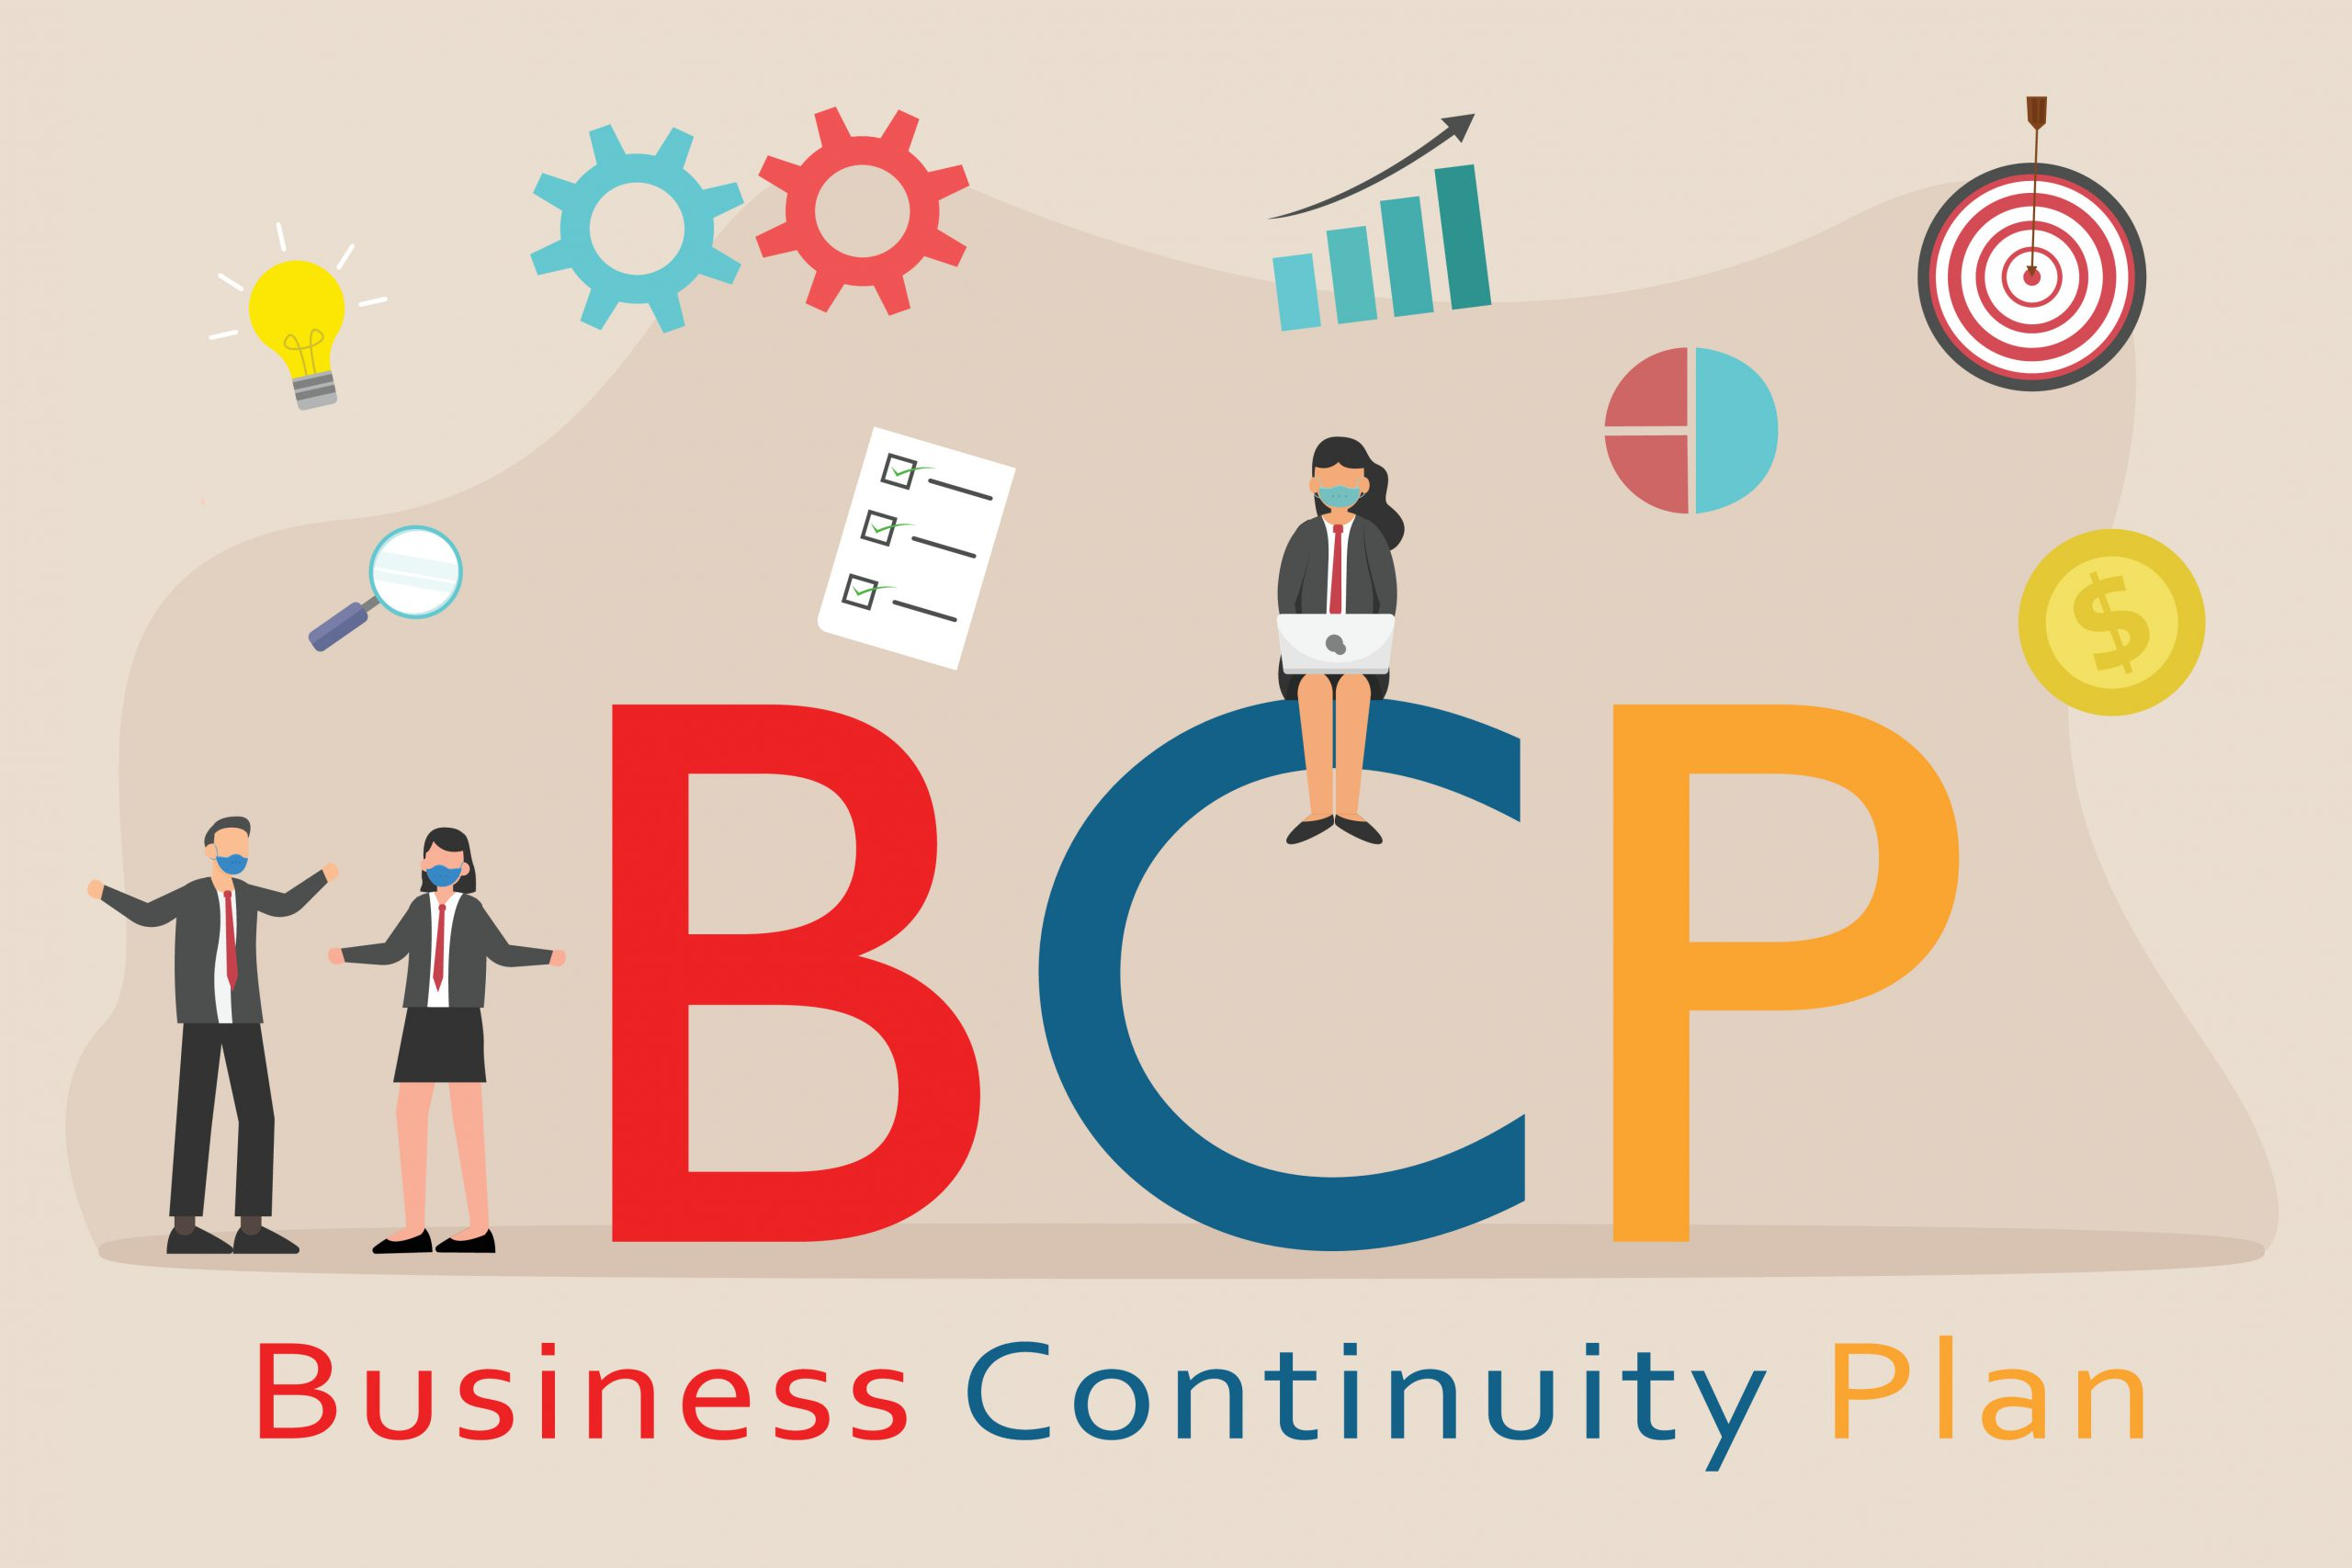 なぜ企業はBCP対策をするべきなのか